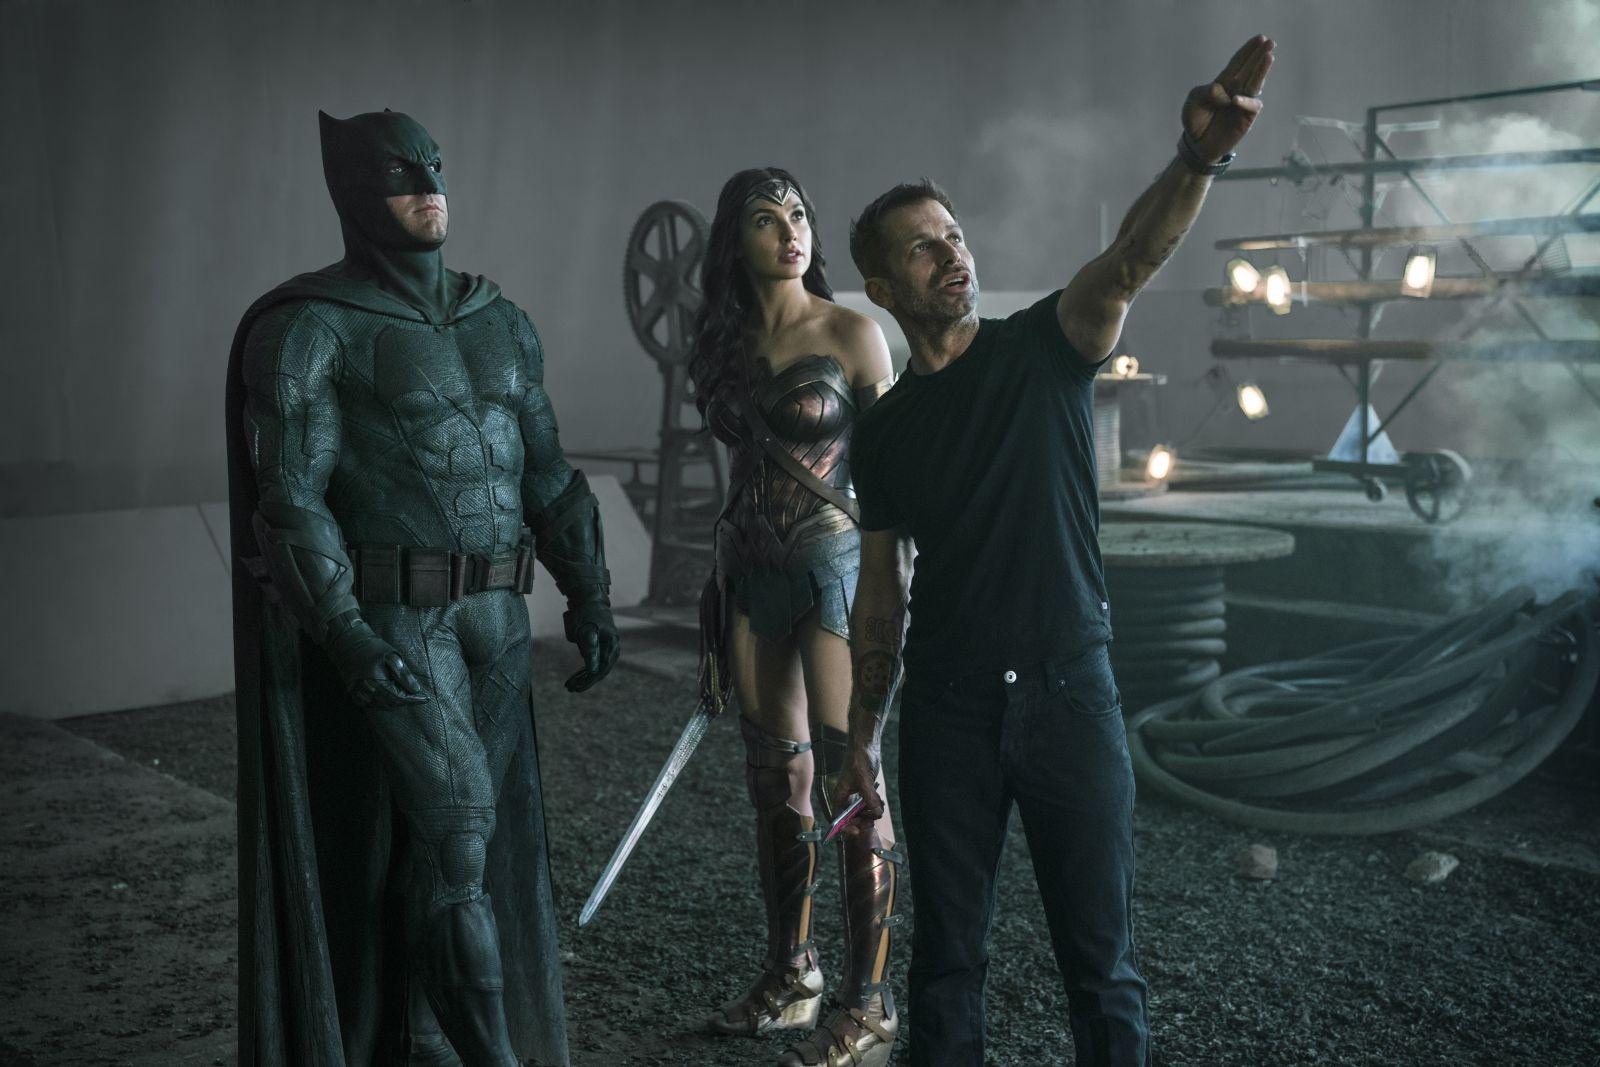 JL 06689r 2 - El cinematógrafo de la 'Liga de la Justicia' respalda el corte de Zack Snyder mientras la petición de los fans atraviesa 75.000 firmas